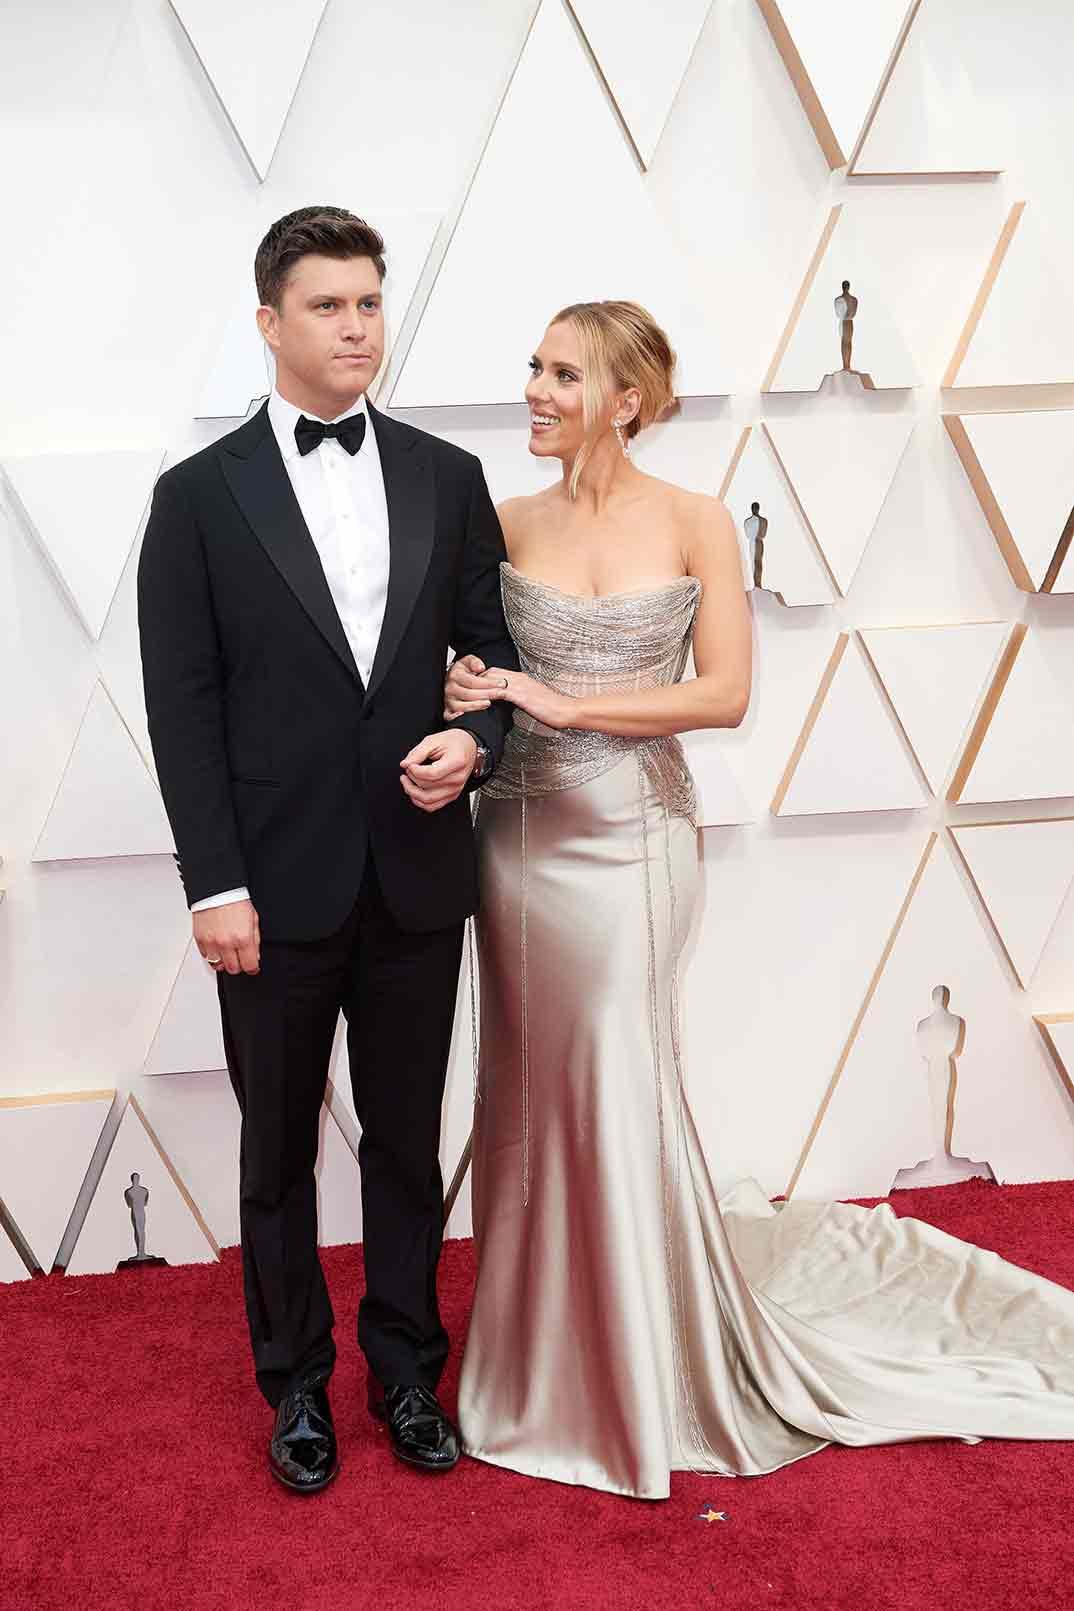 Scarlett Johansson - Oscars 2020 © A.M.P.A.S.